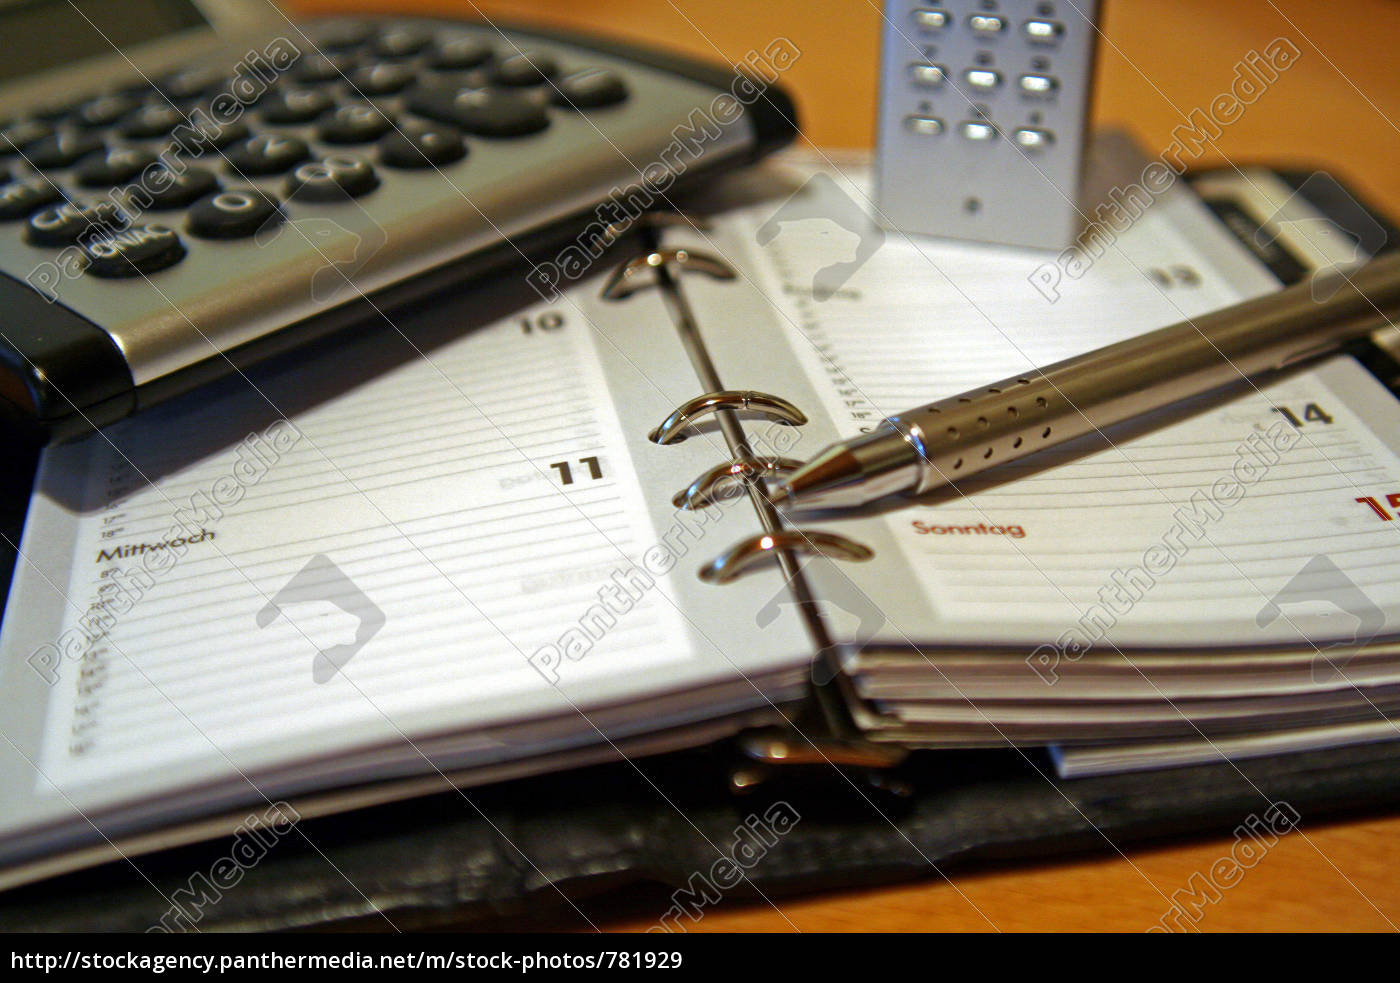 business-utensilien, , büro-utensilien, , - 781929